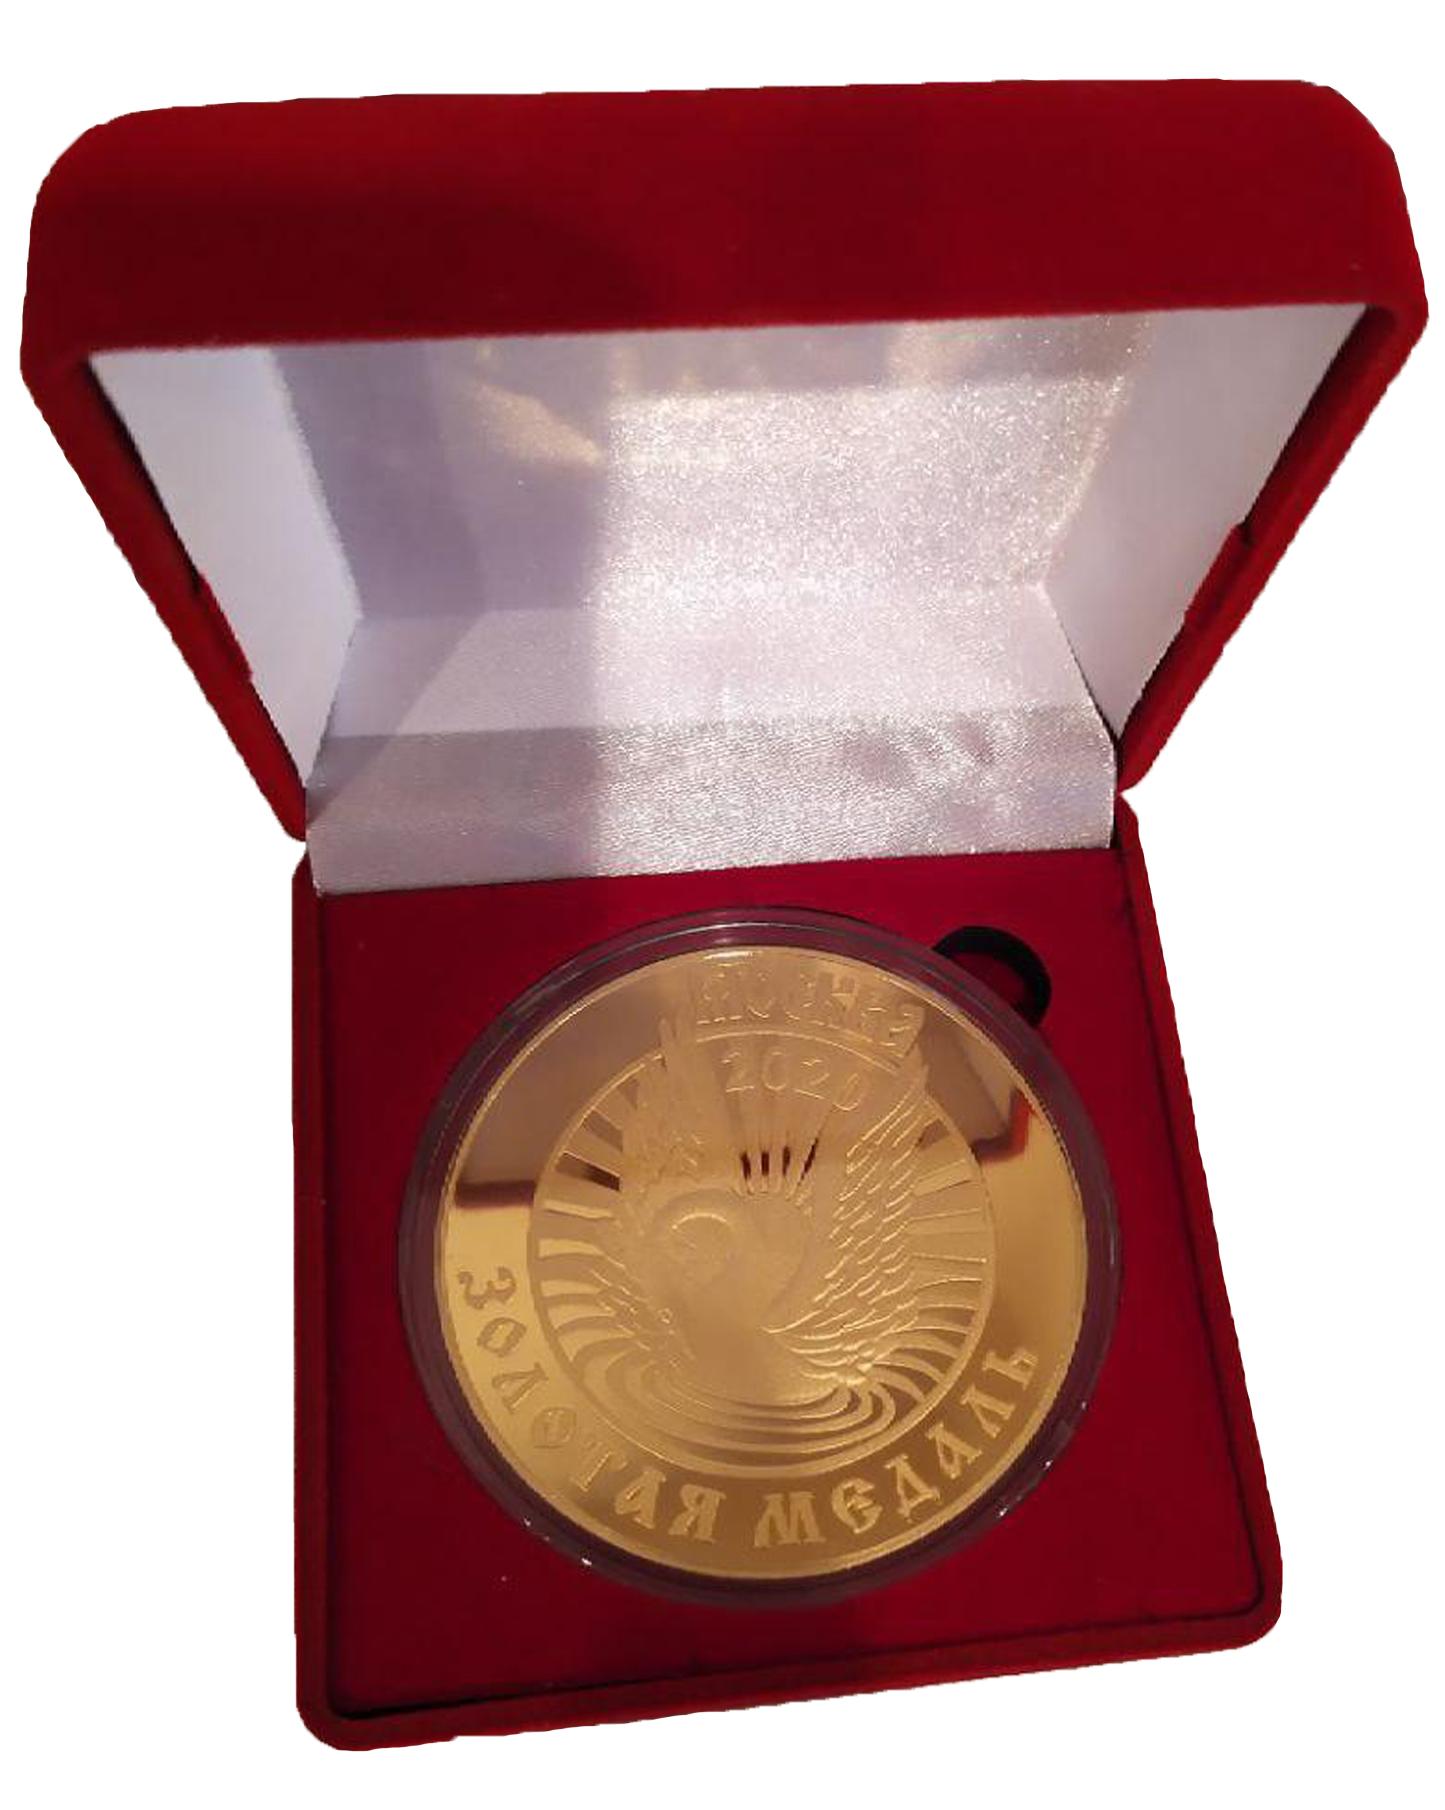 Золотая медаль - лучший продукт 2020 - Портвейн Узбекистанский красный